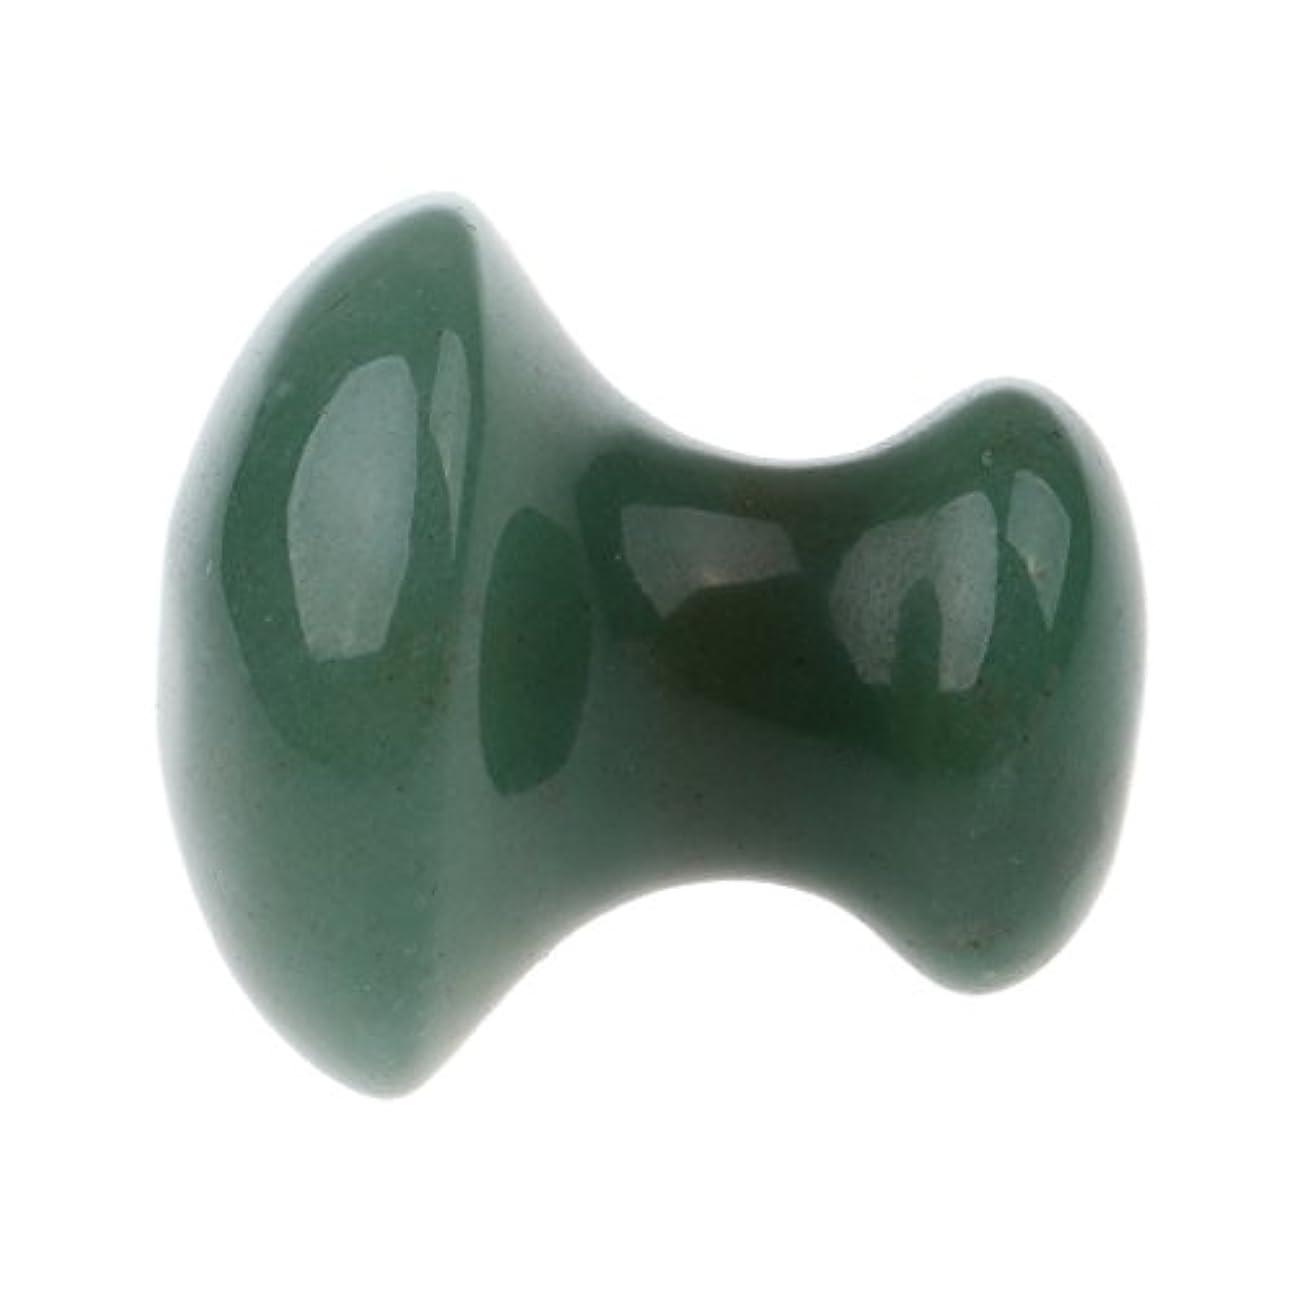 Perfk マッサージストーン 石 ストーン 美容 マッシュルーム スキンケア 2色選べる - 緑